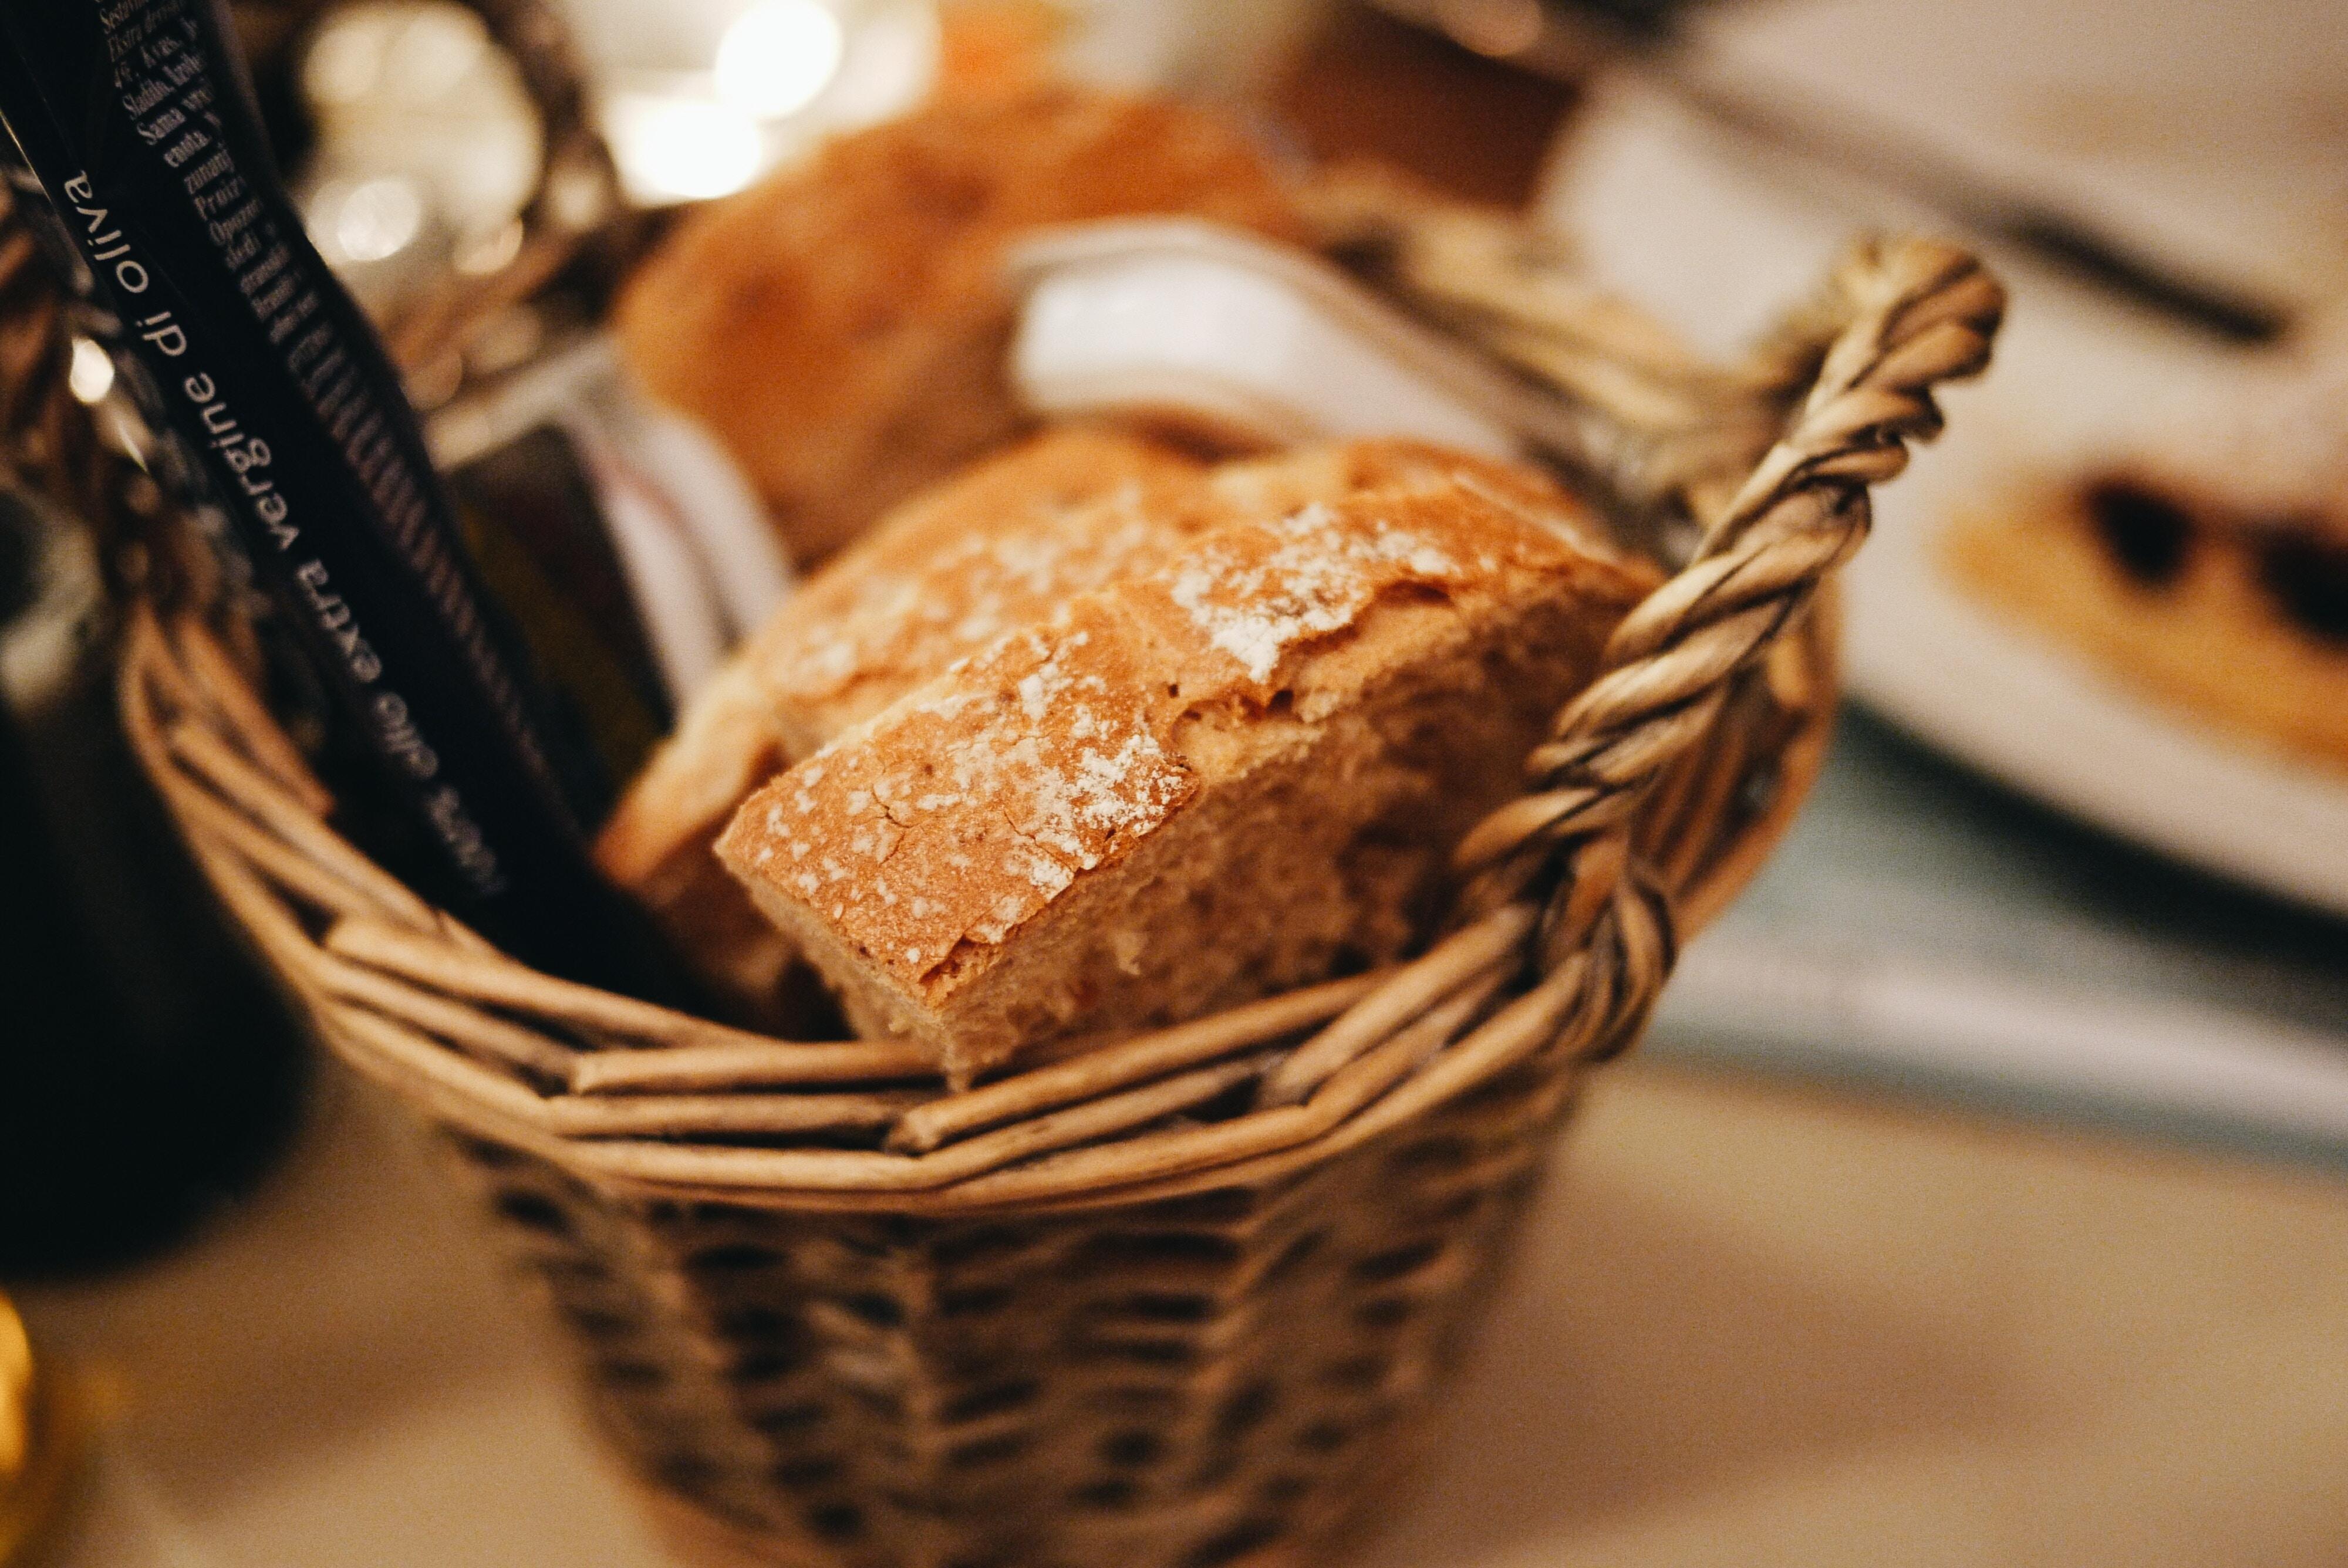 軽井沢のパン屋まとめ!おすすめは?美味しいと評判の人気・有名店!